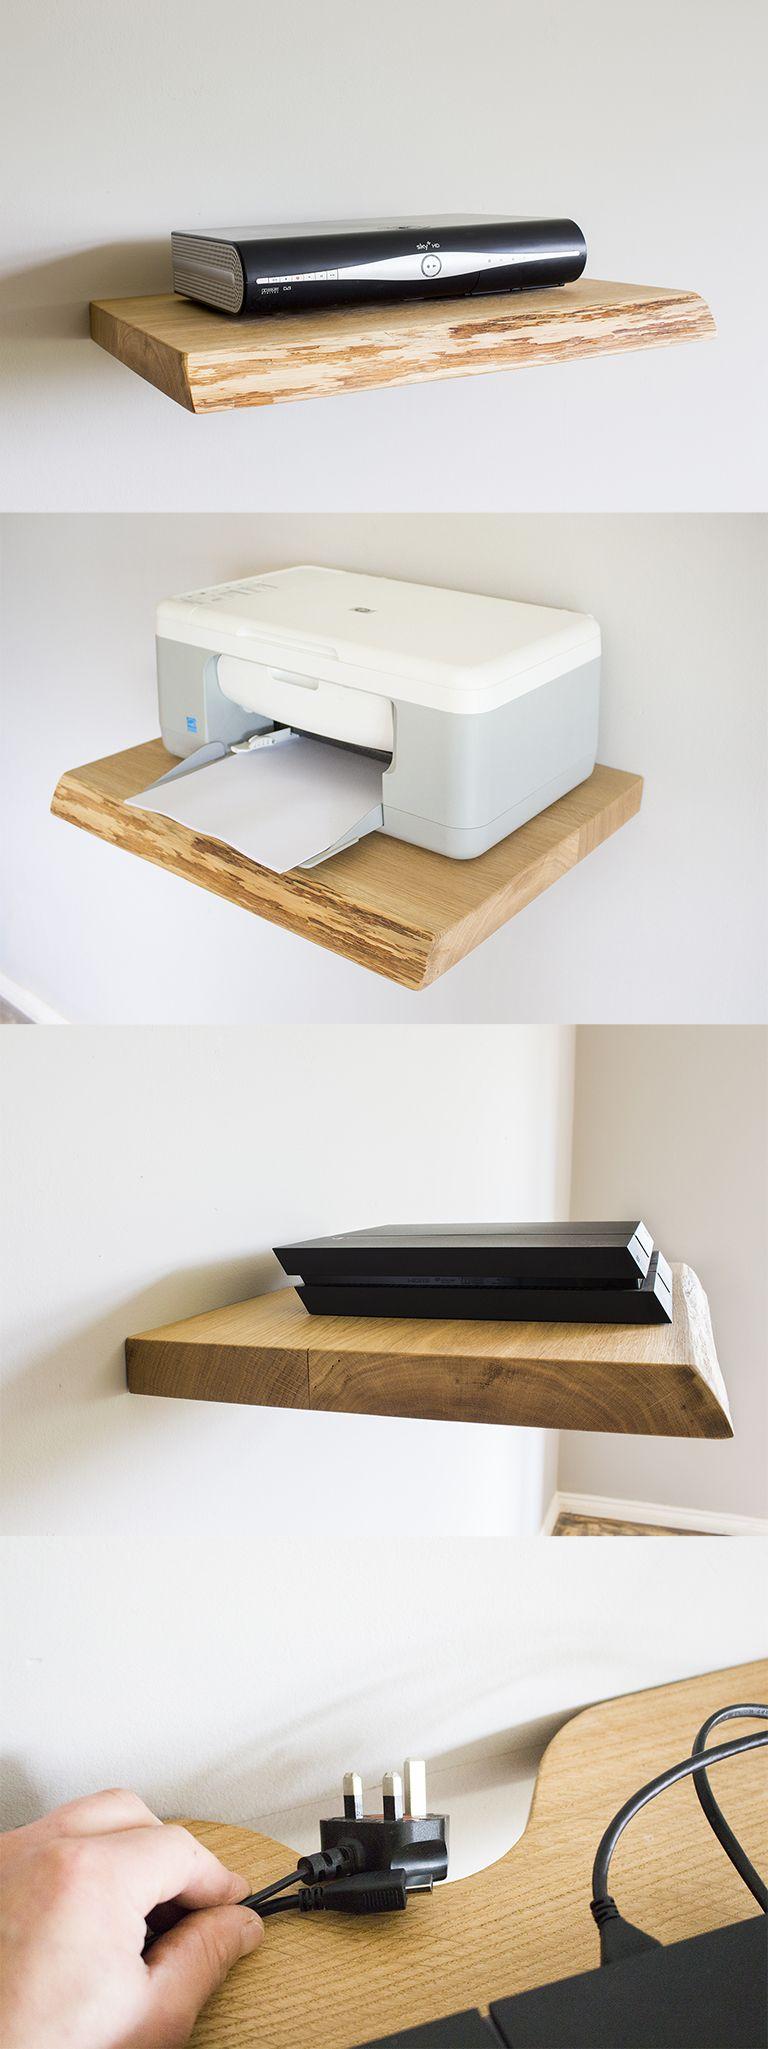 pin von mark joyce auf woodworking solid wood floating shelves extra deep shelf ideen furs zimmer wohnen regal mit schublade holzerne schweberegale regale plastic garage racking